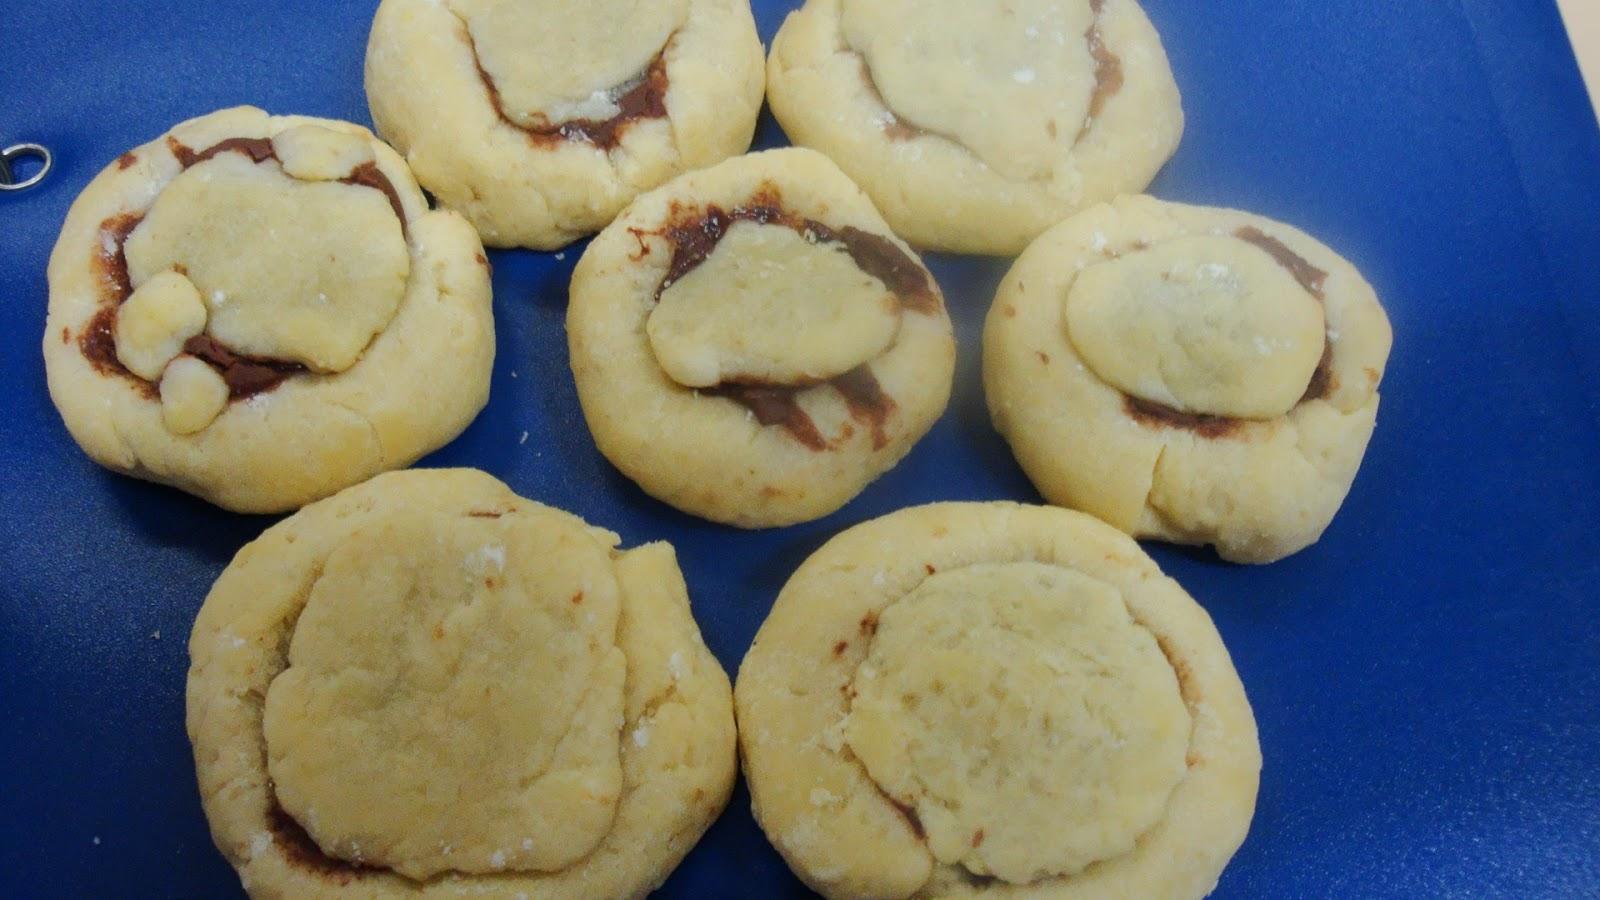 ecole des alagniers recette cookies nutella crit par rihanna. Black Bedroom Furniture Sets. Home Design Ideas